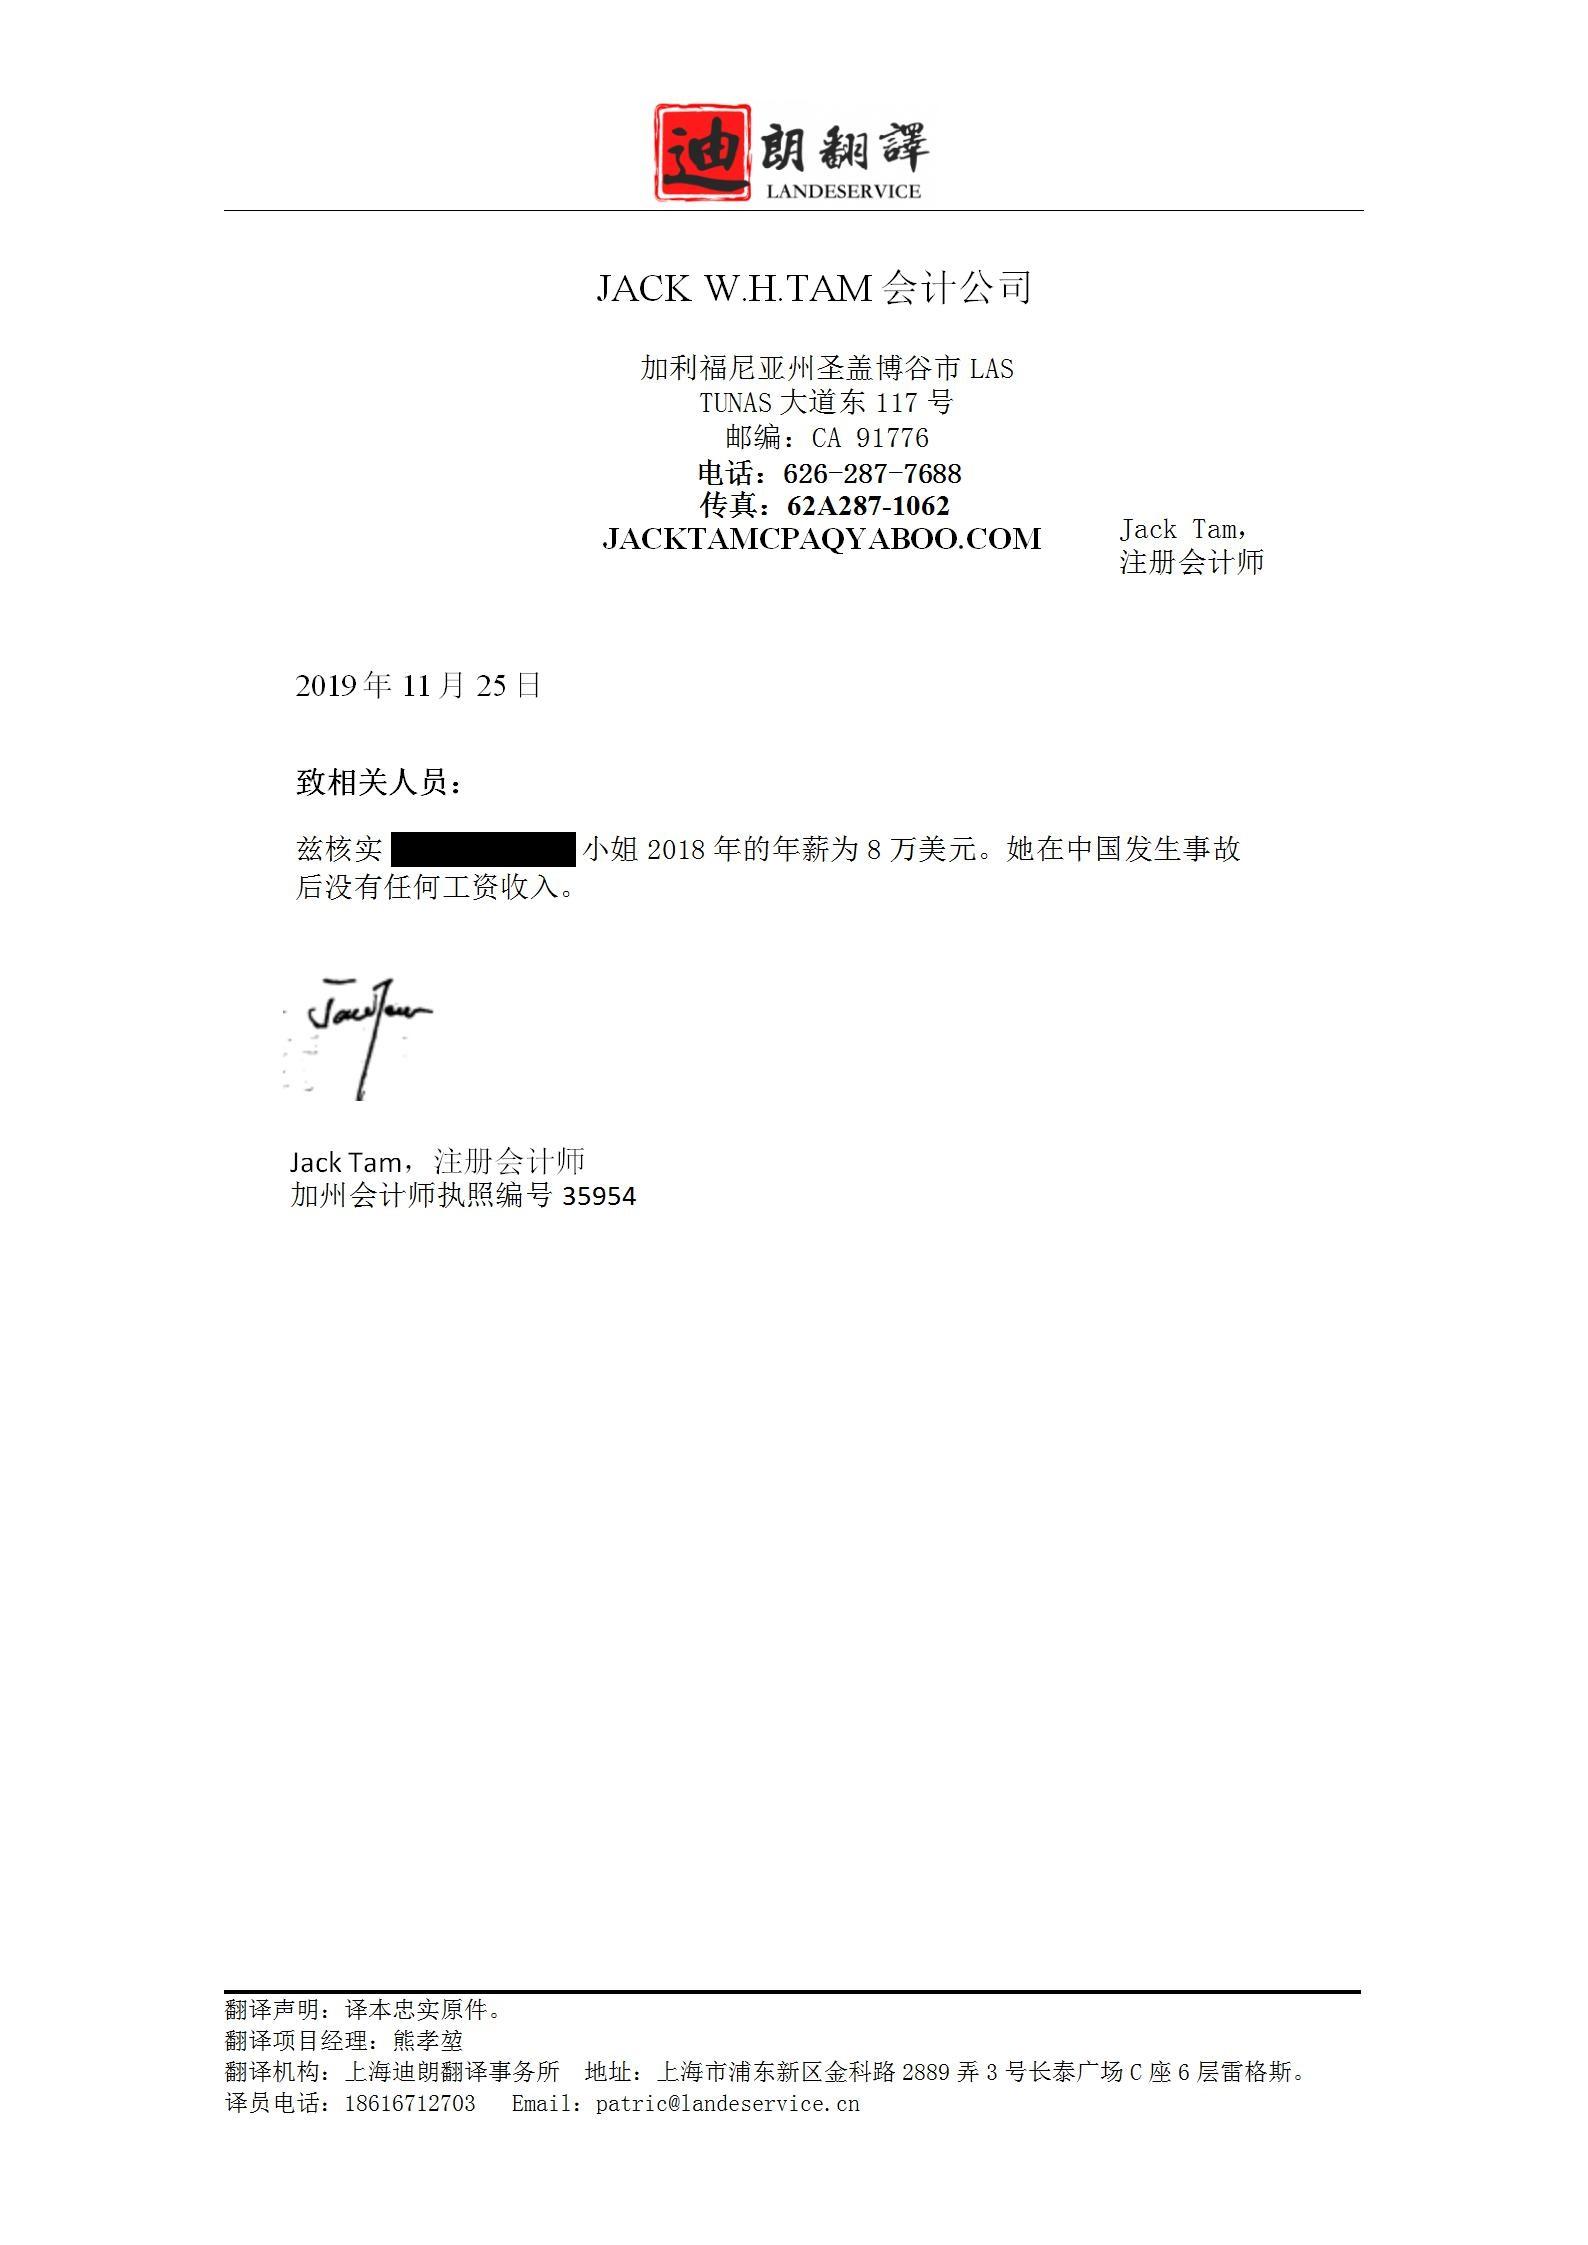 会计师证明 01 - 美国会计师证明翻译认证盖章